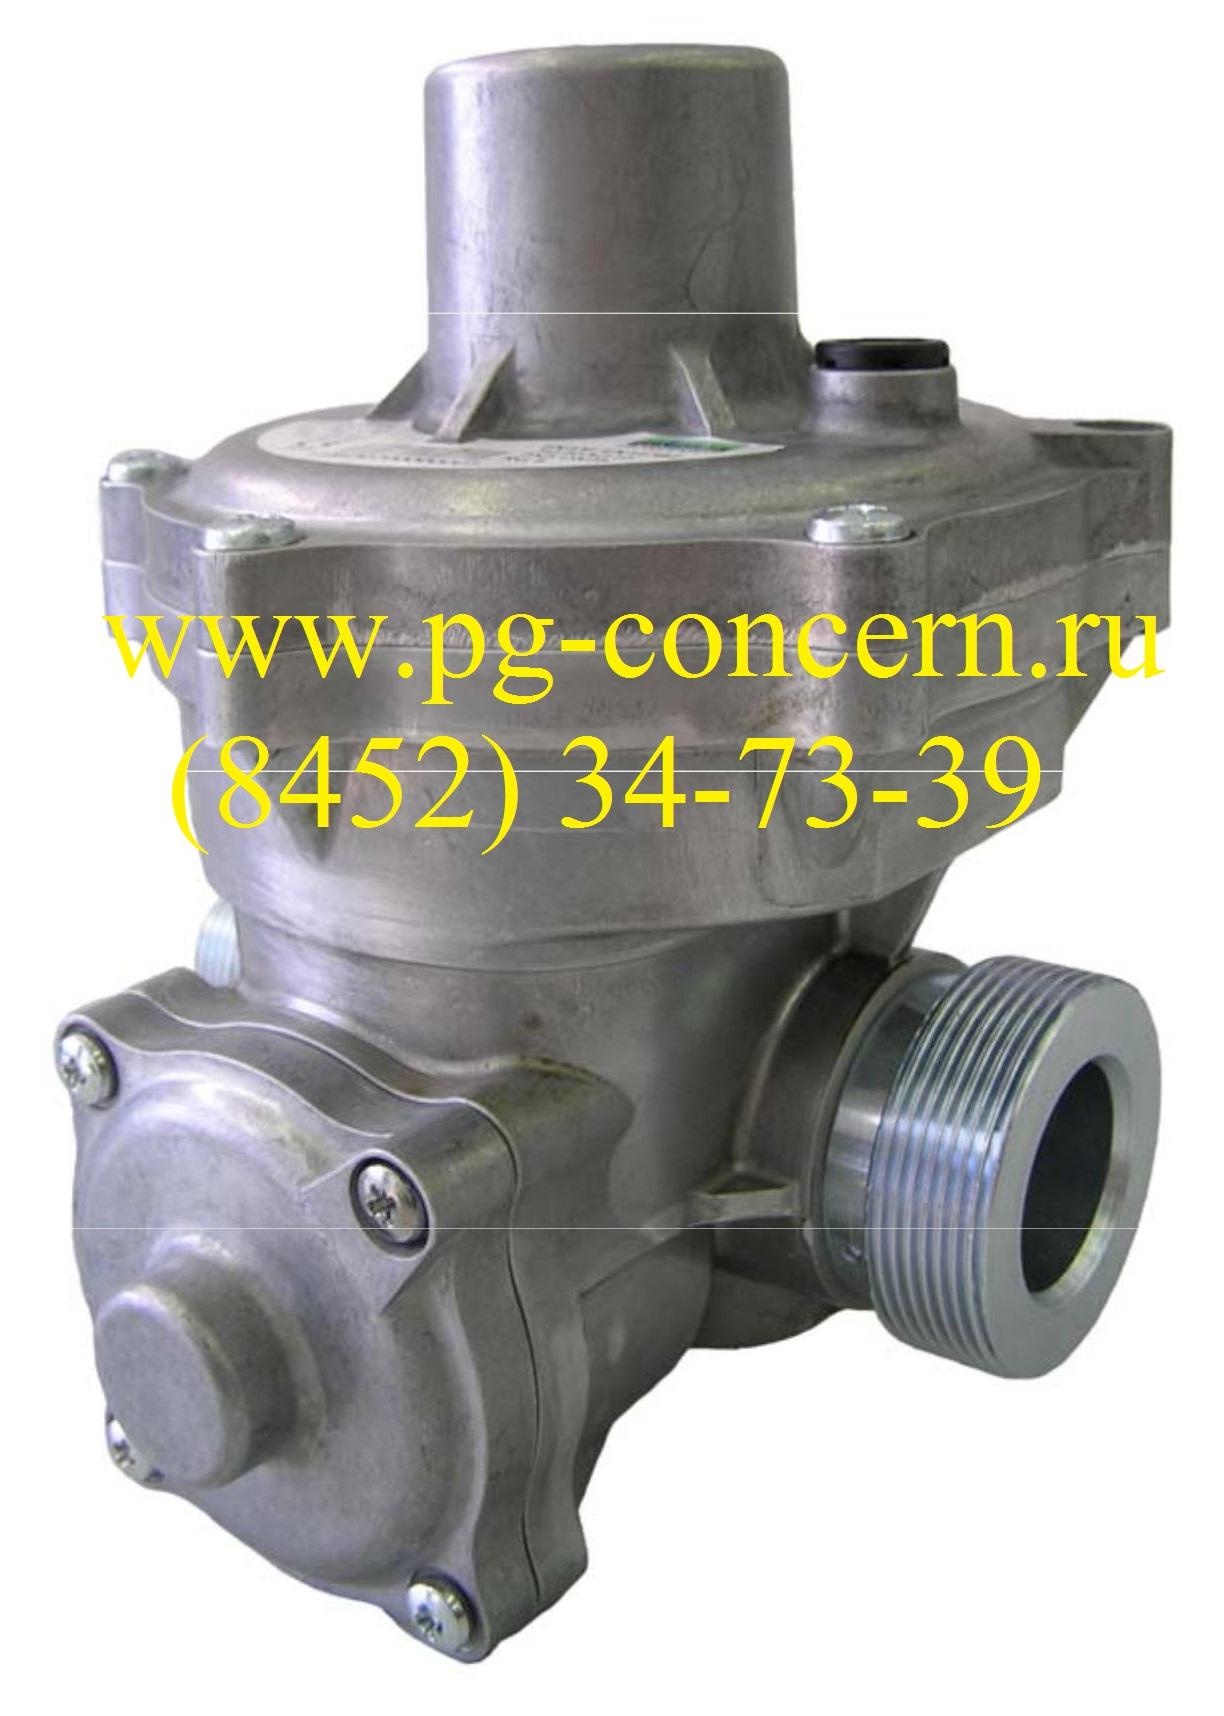 Бытовой регулятор давления газа VF